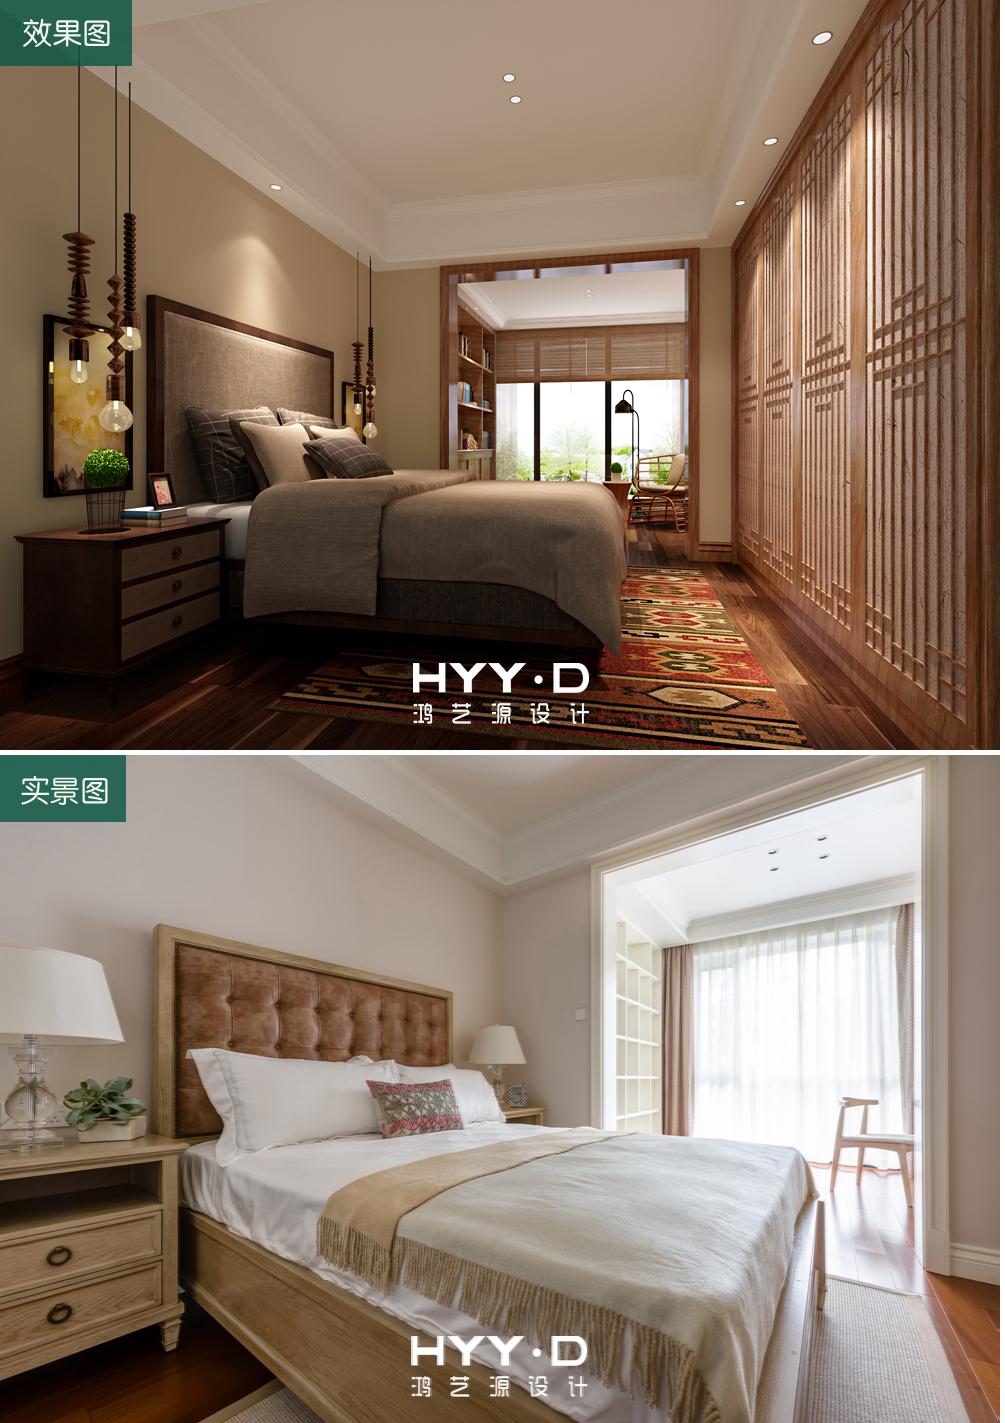 简美风格 复式 星河丹堤 其他图片来自郑鸿在赏星悦木--深圳星河丹堤室内设计的分享